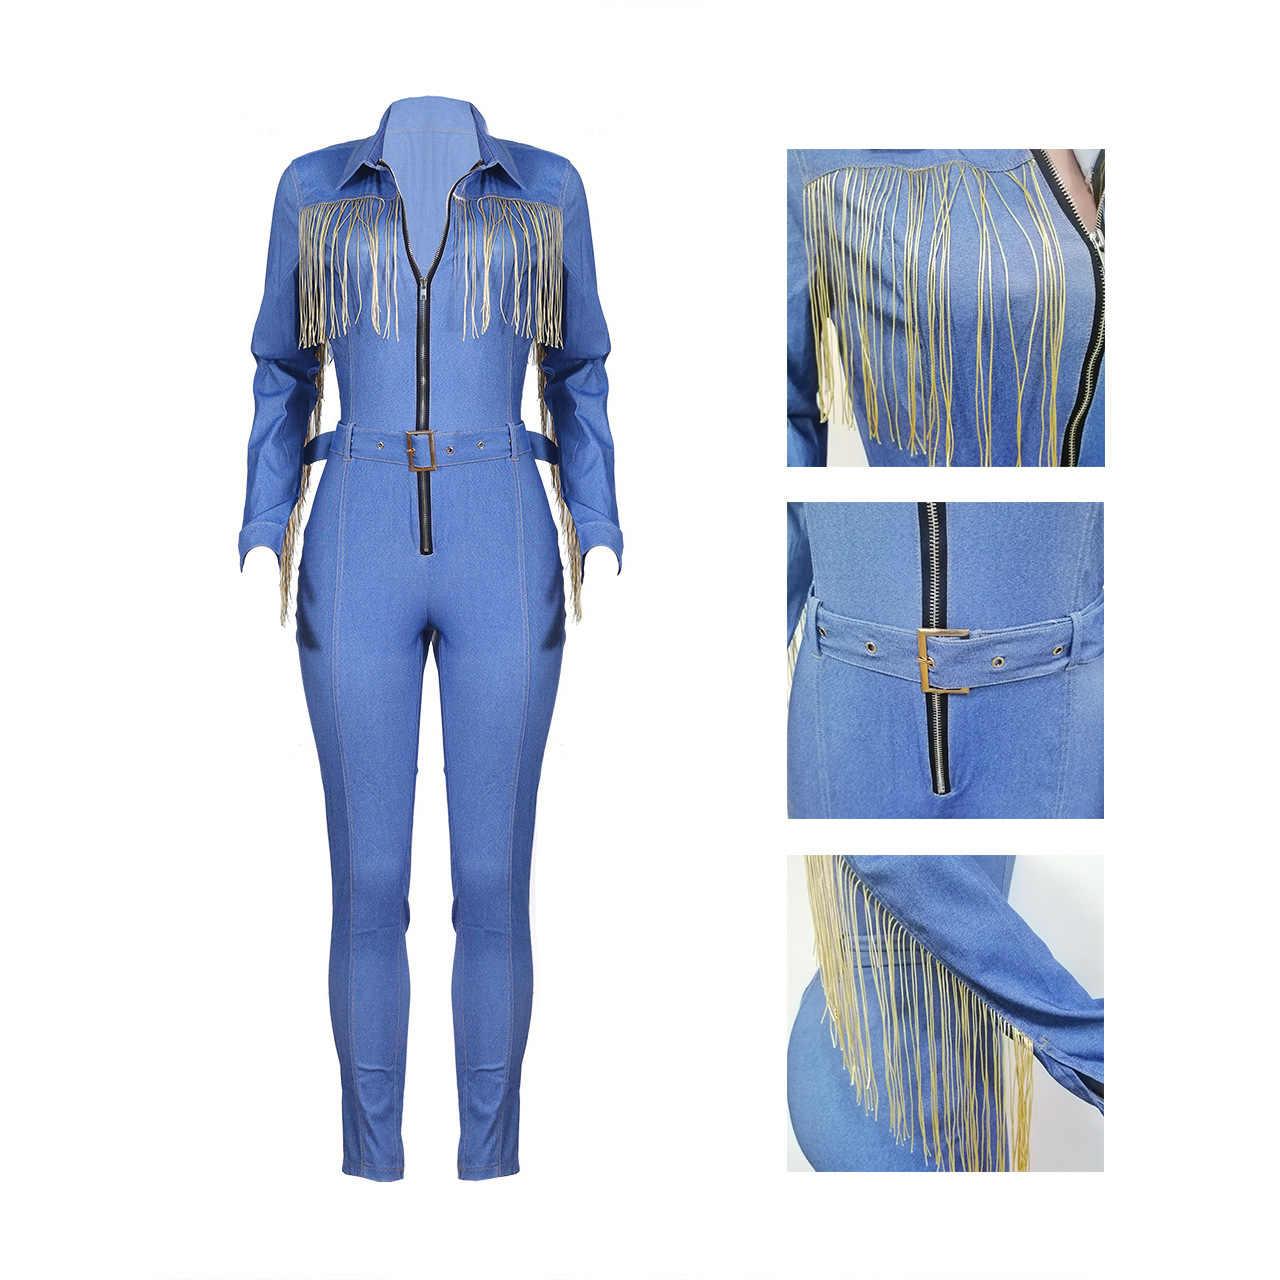 Ropa de otoño para mujer monos de Vaqueros cintura alta delgados jerseys solapa bolsillo mono Denim azul Club nocturno mamelucos de talla grande